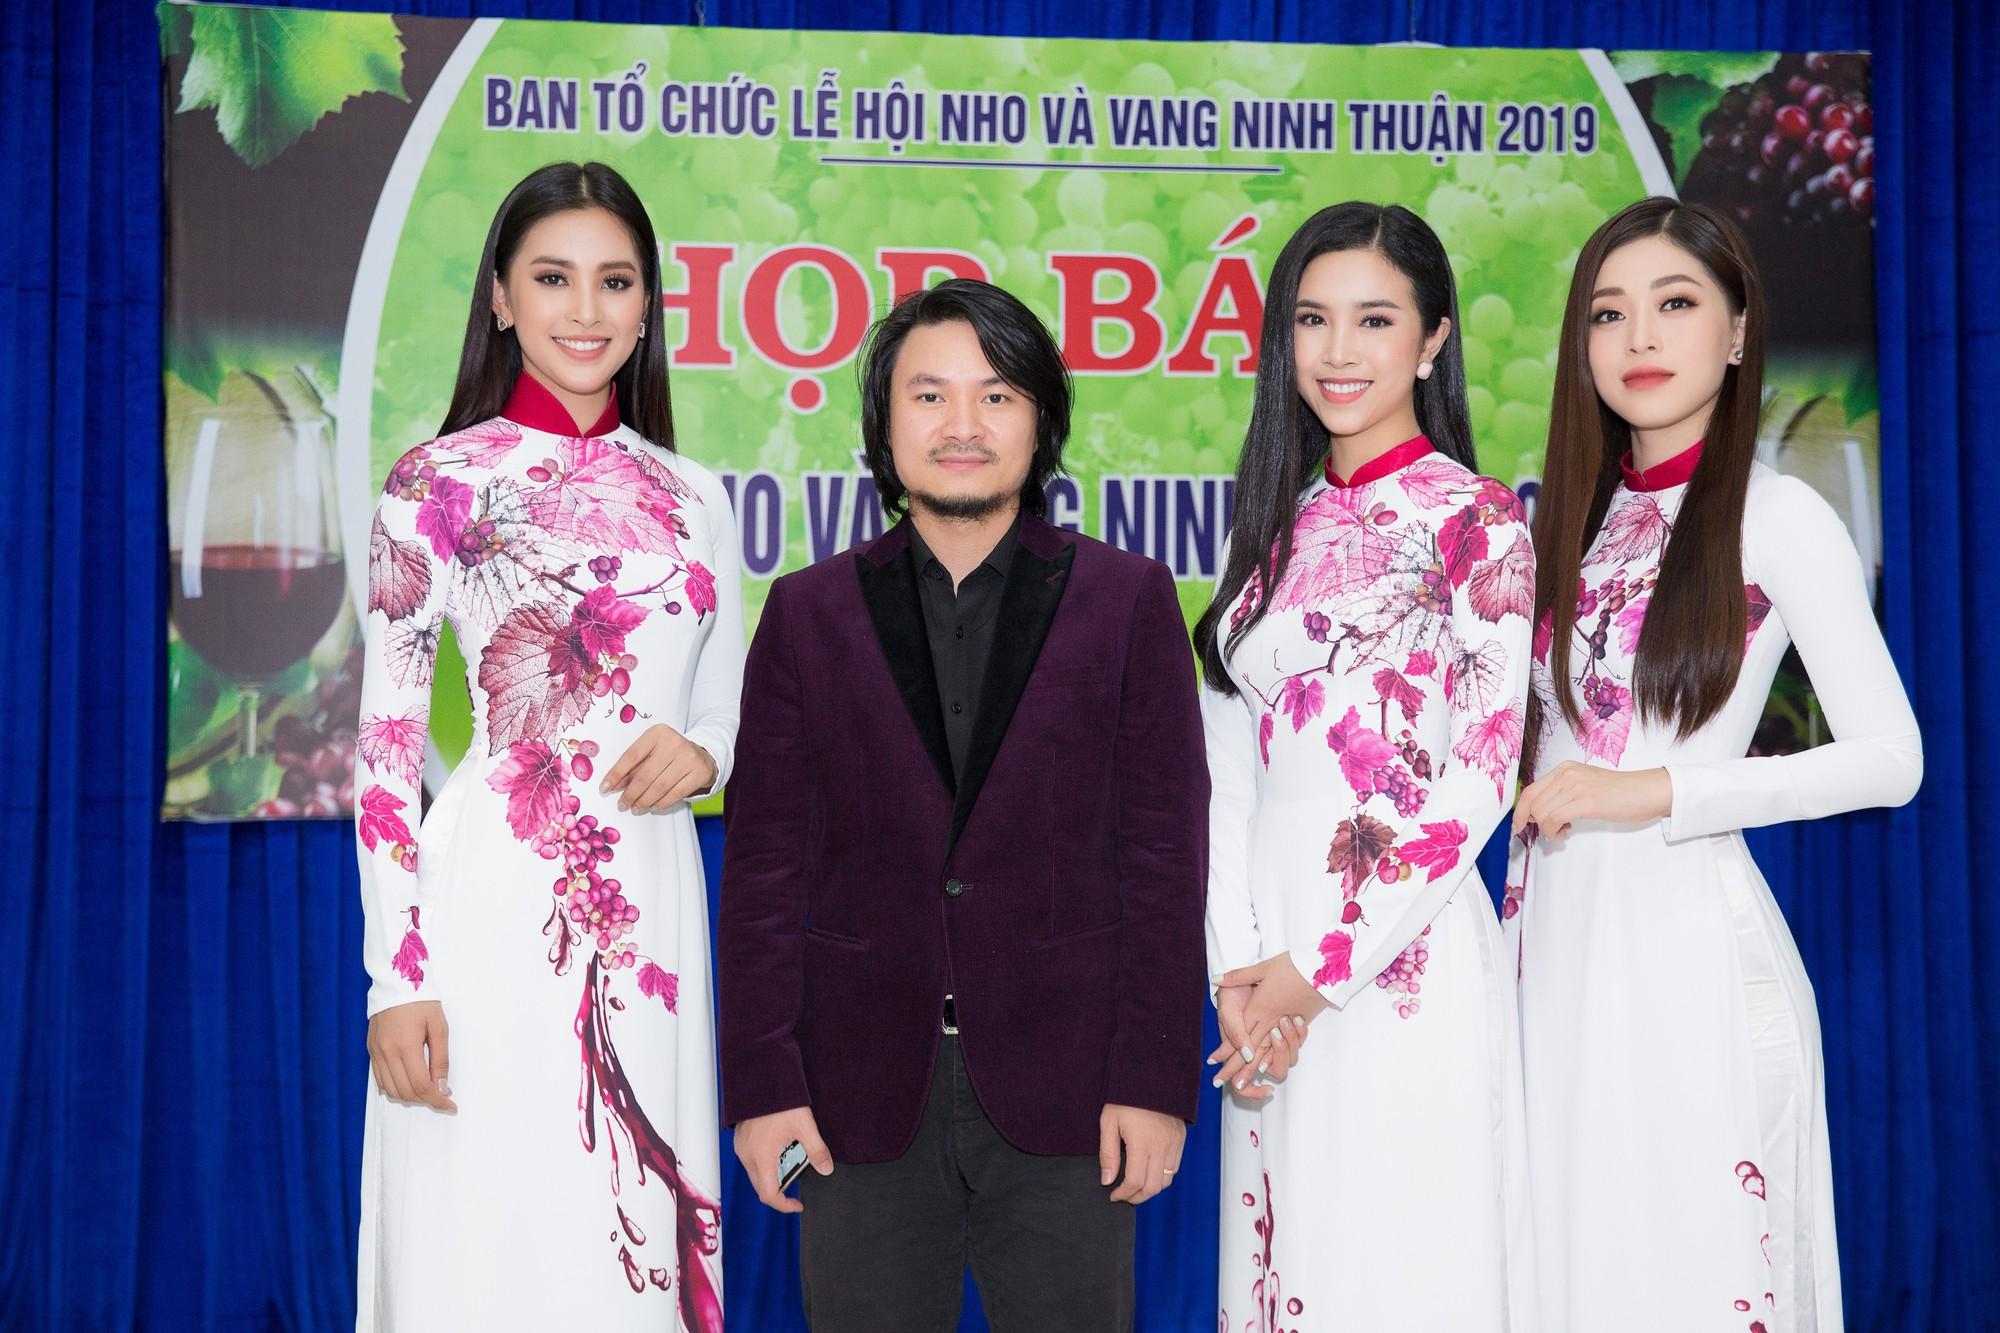 Top 3 Hoa hậu Việt Nam 2018 bắt tay đạo diễn Hoàng Nhật Nam trở thành nữ thần nho - Ảnh 2.